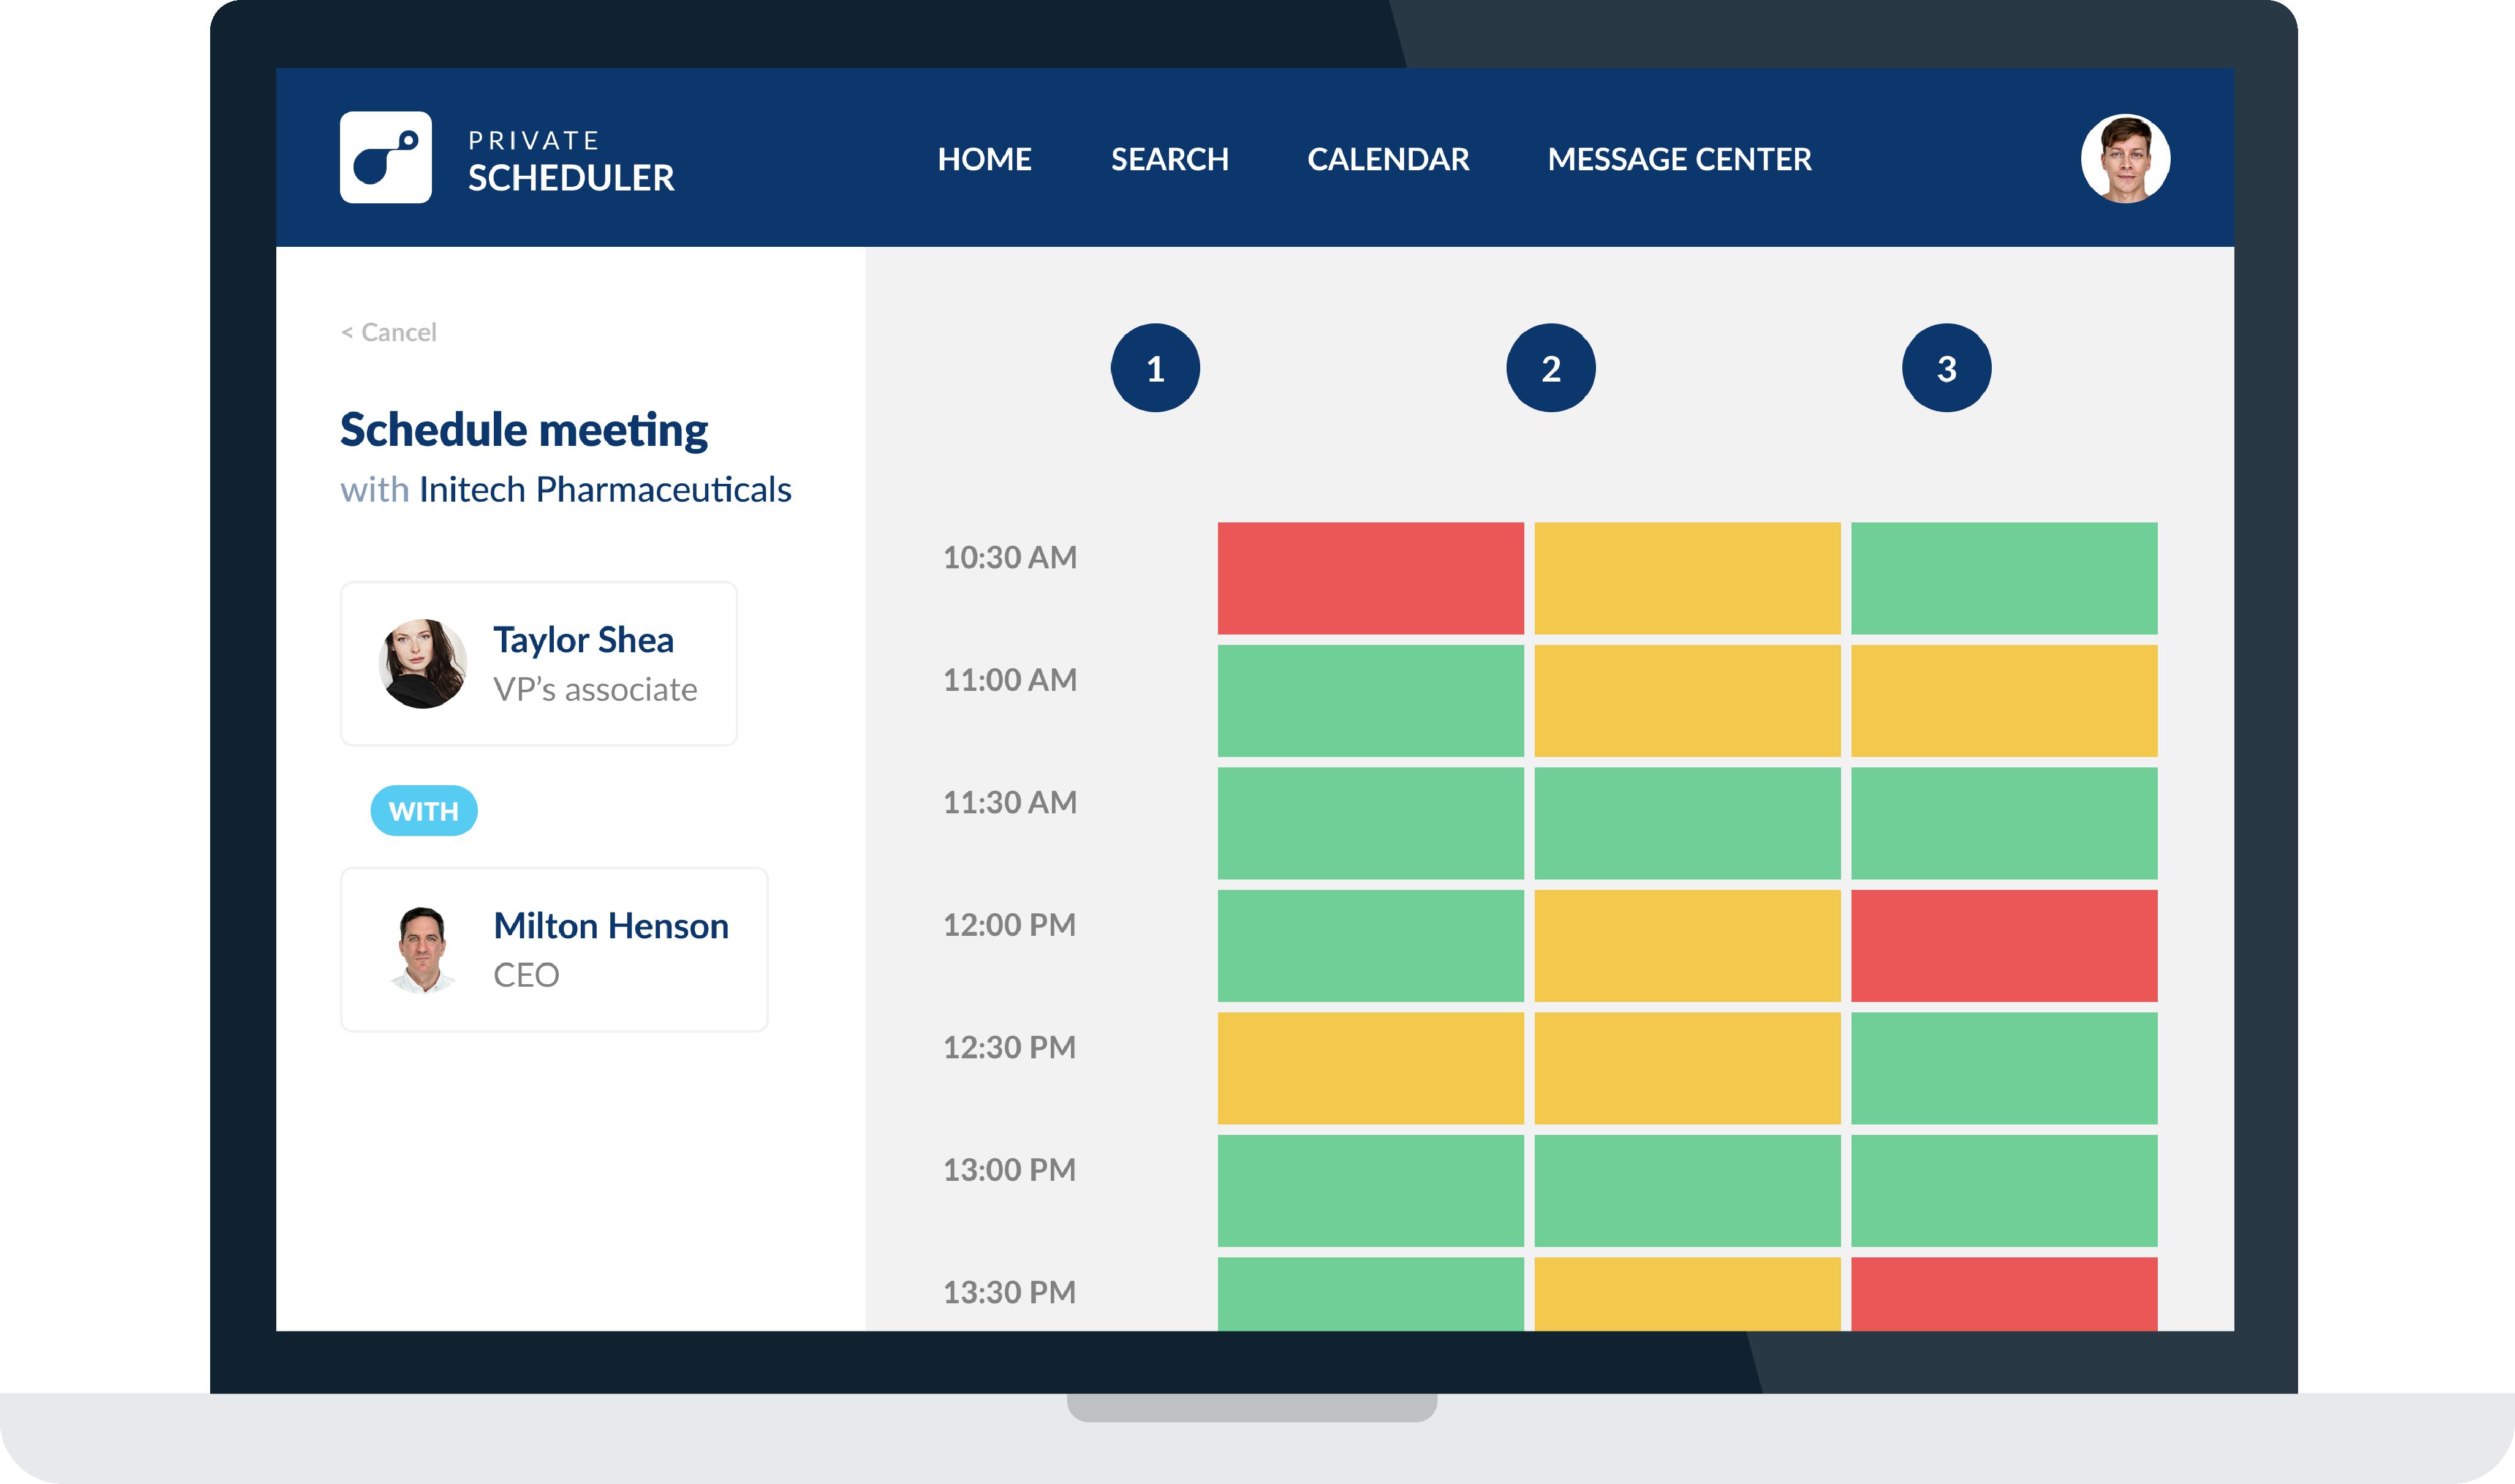 Private-Scheduler-Scheduling-Step